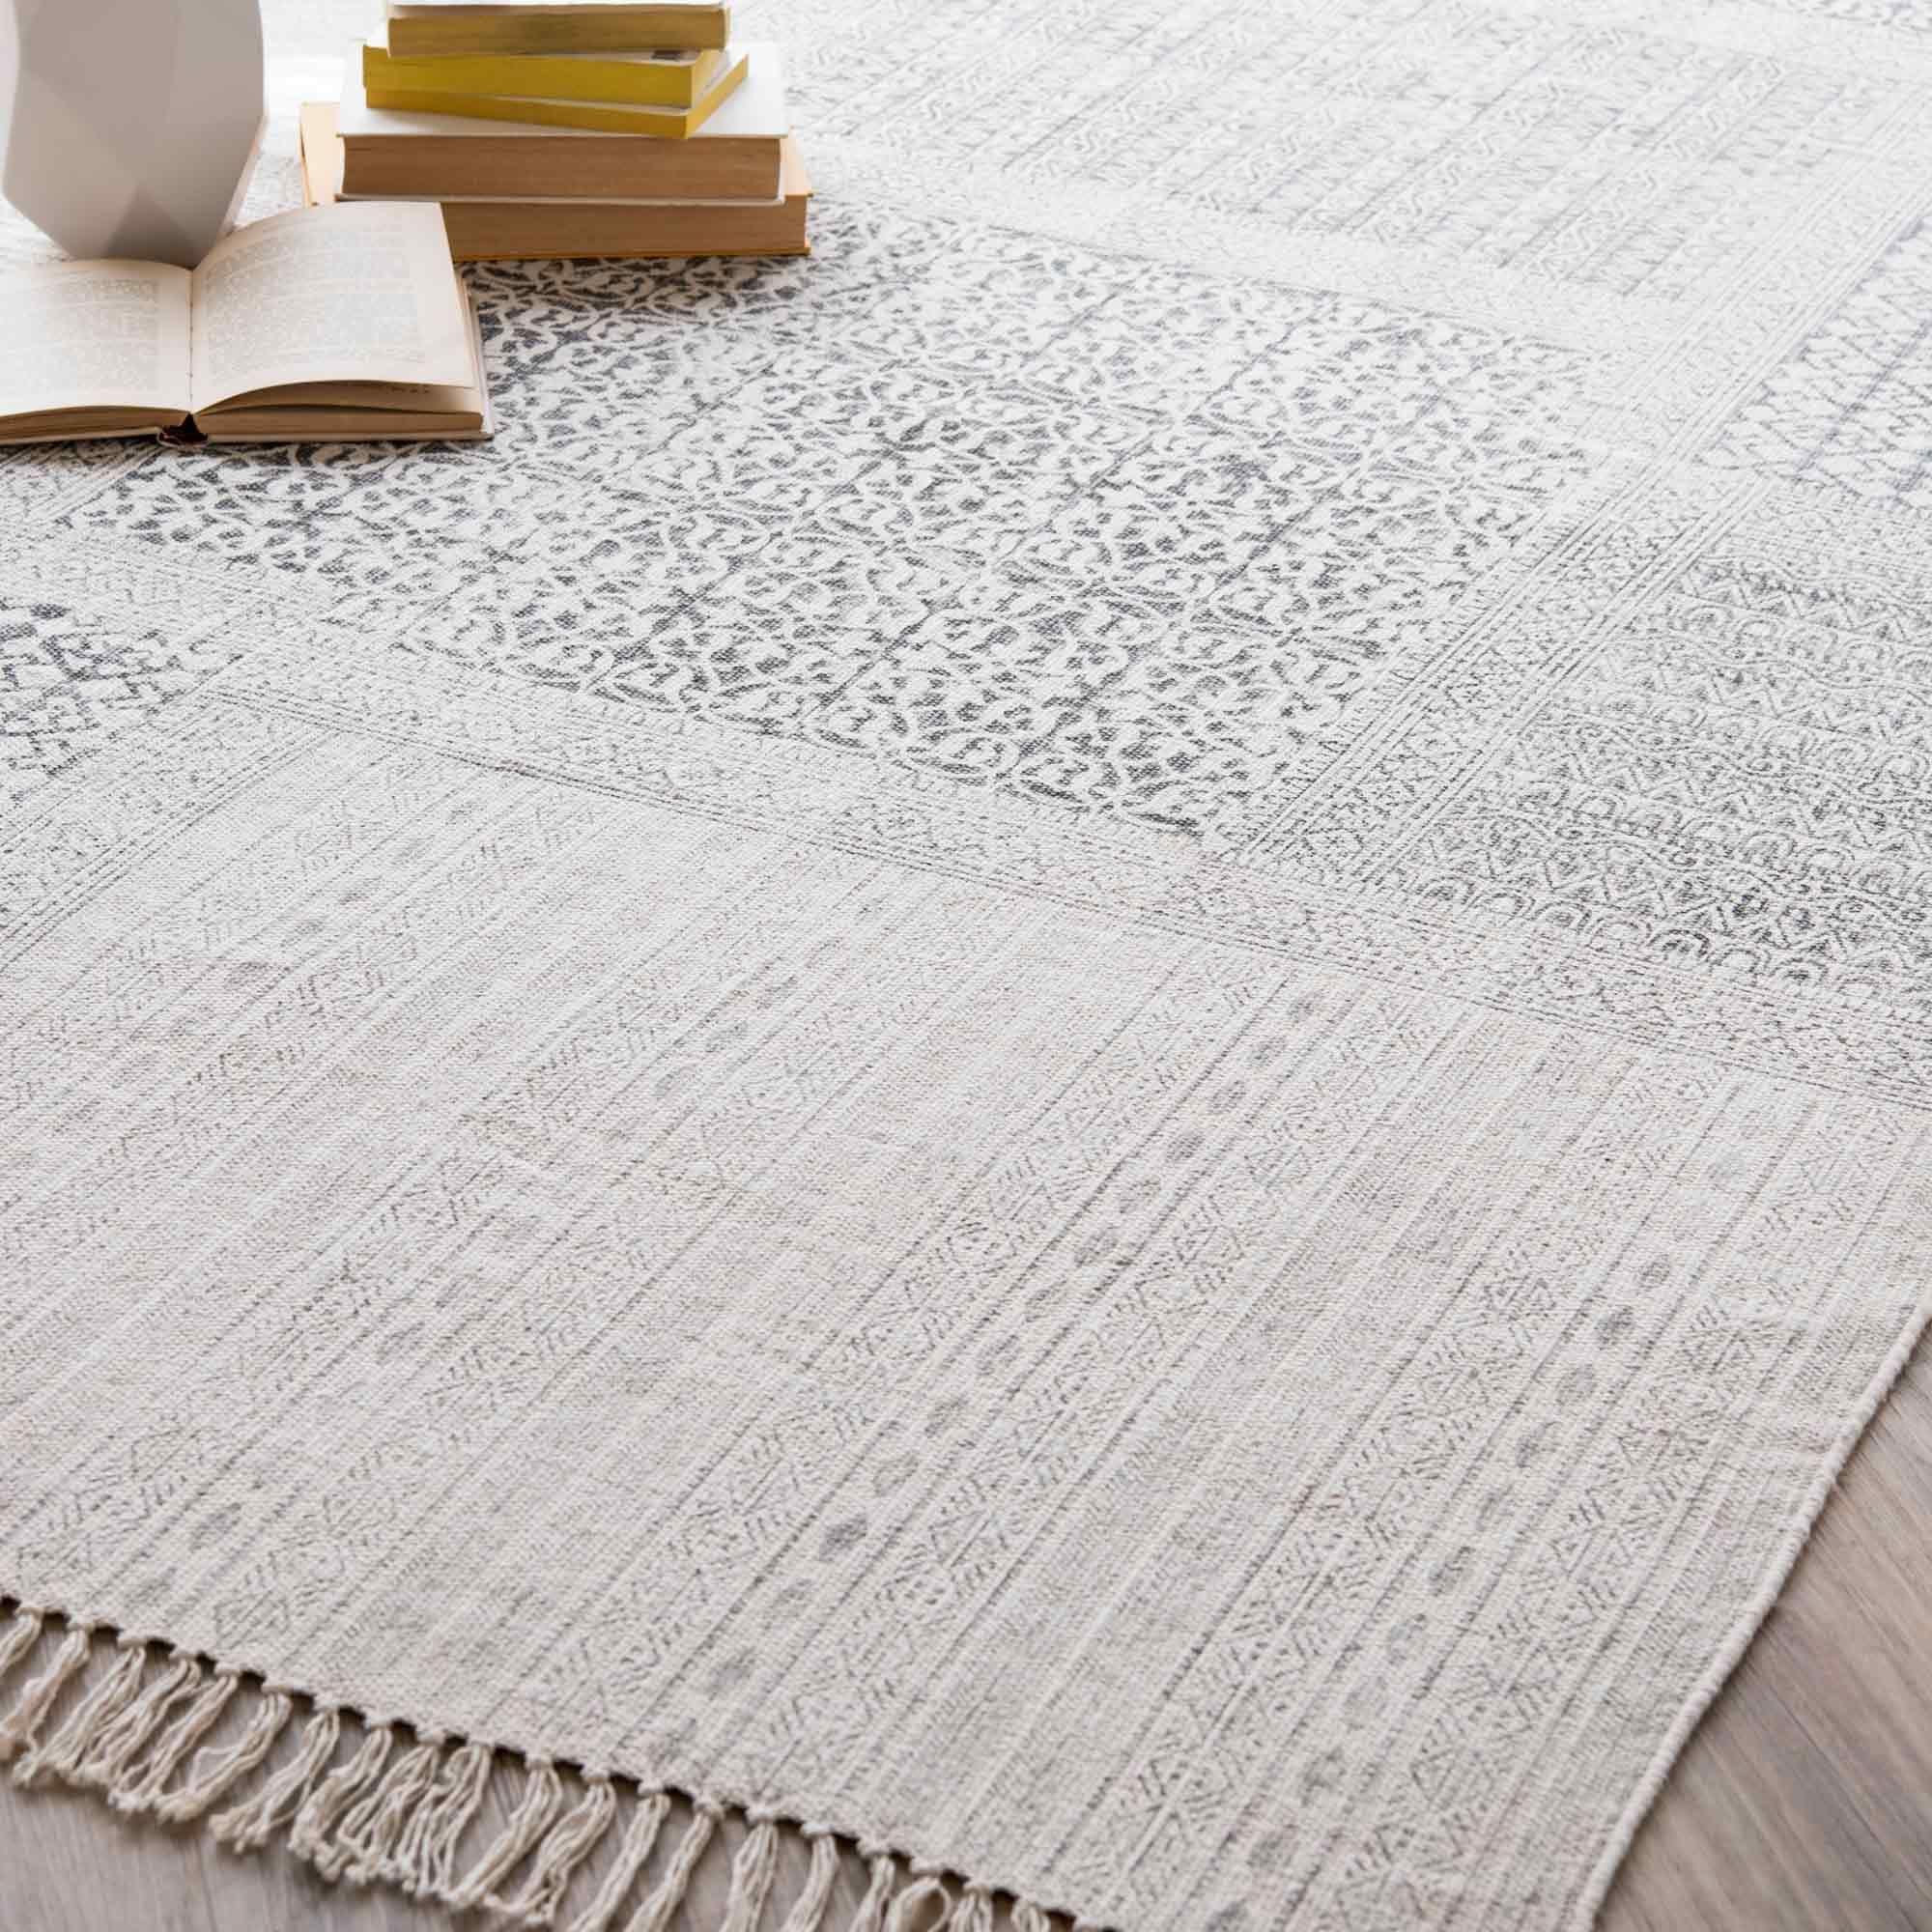 Hellgrauer teppich  Teppich aus Baumwolle, 140 x 200 cm | Teppiche, Baumwolle und ...